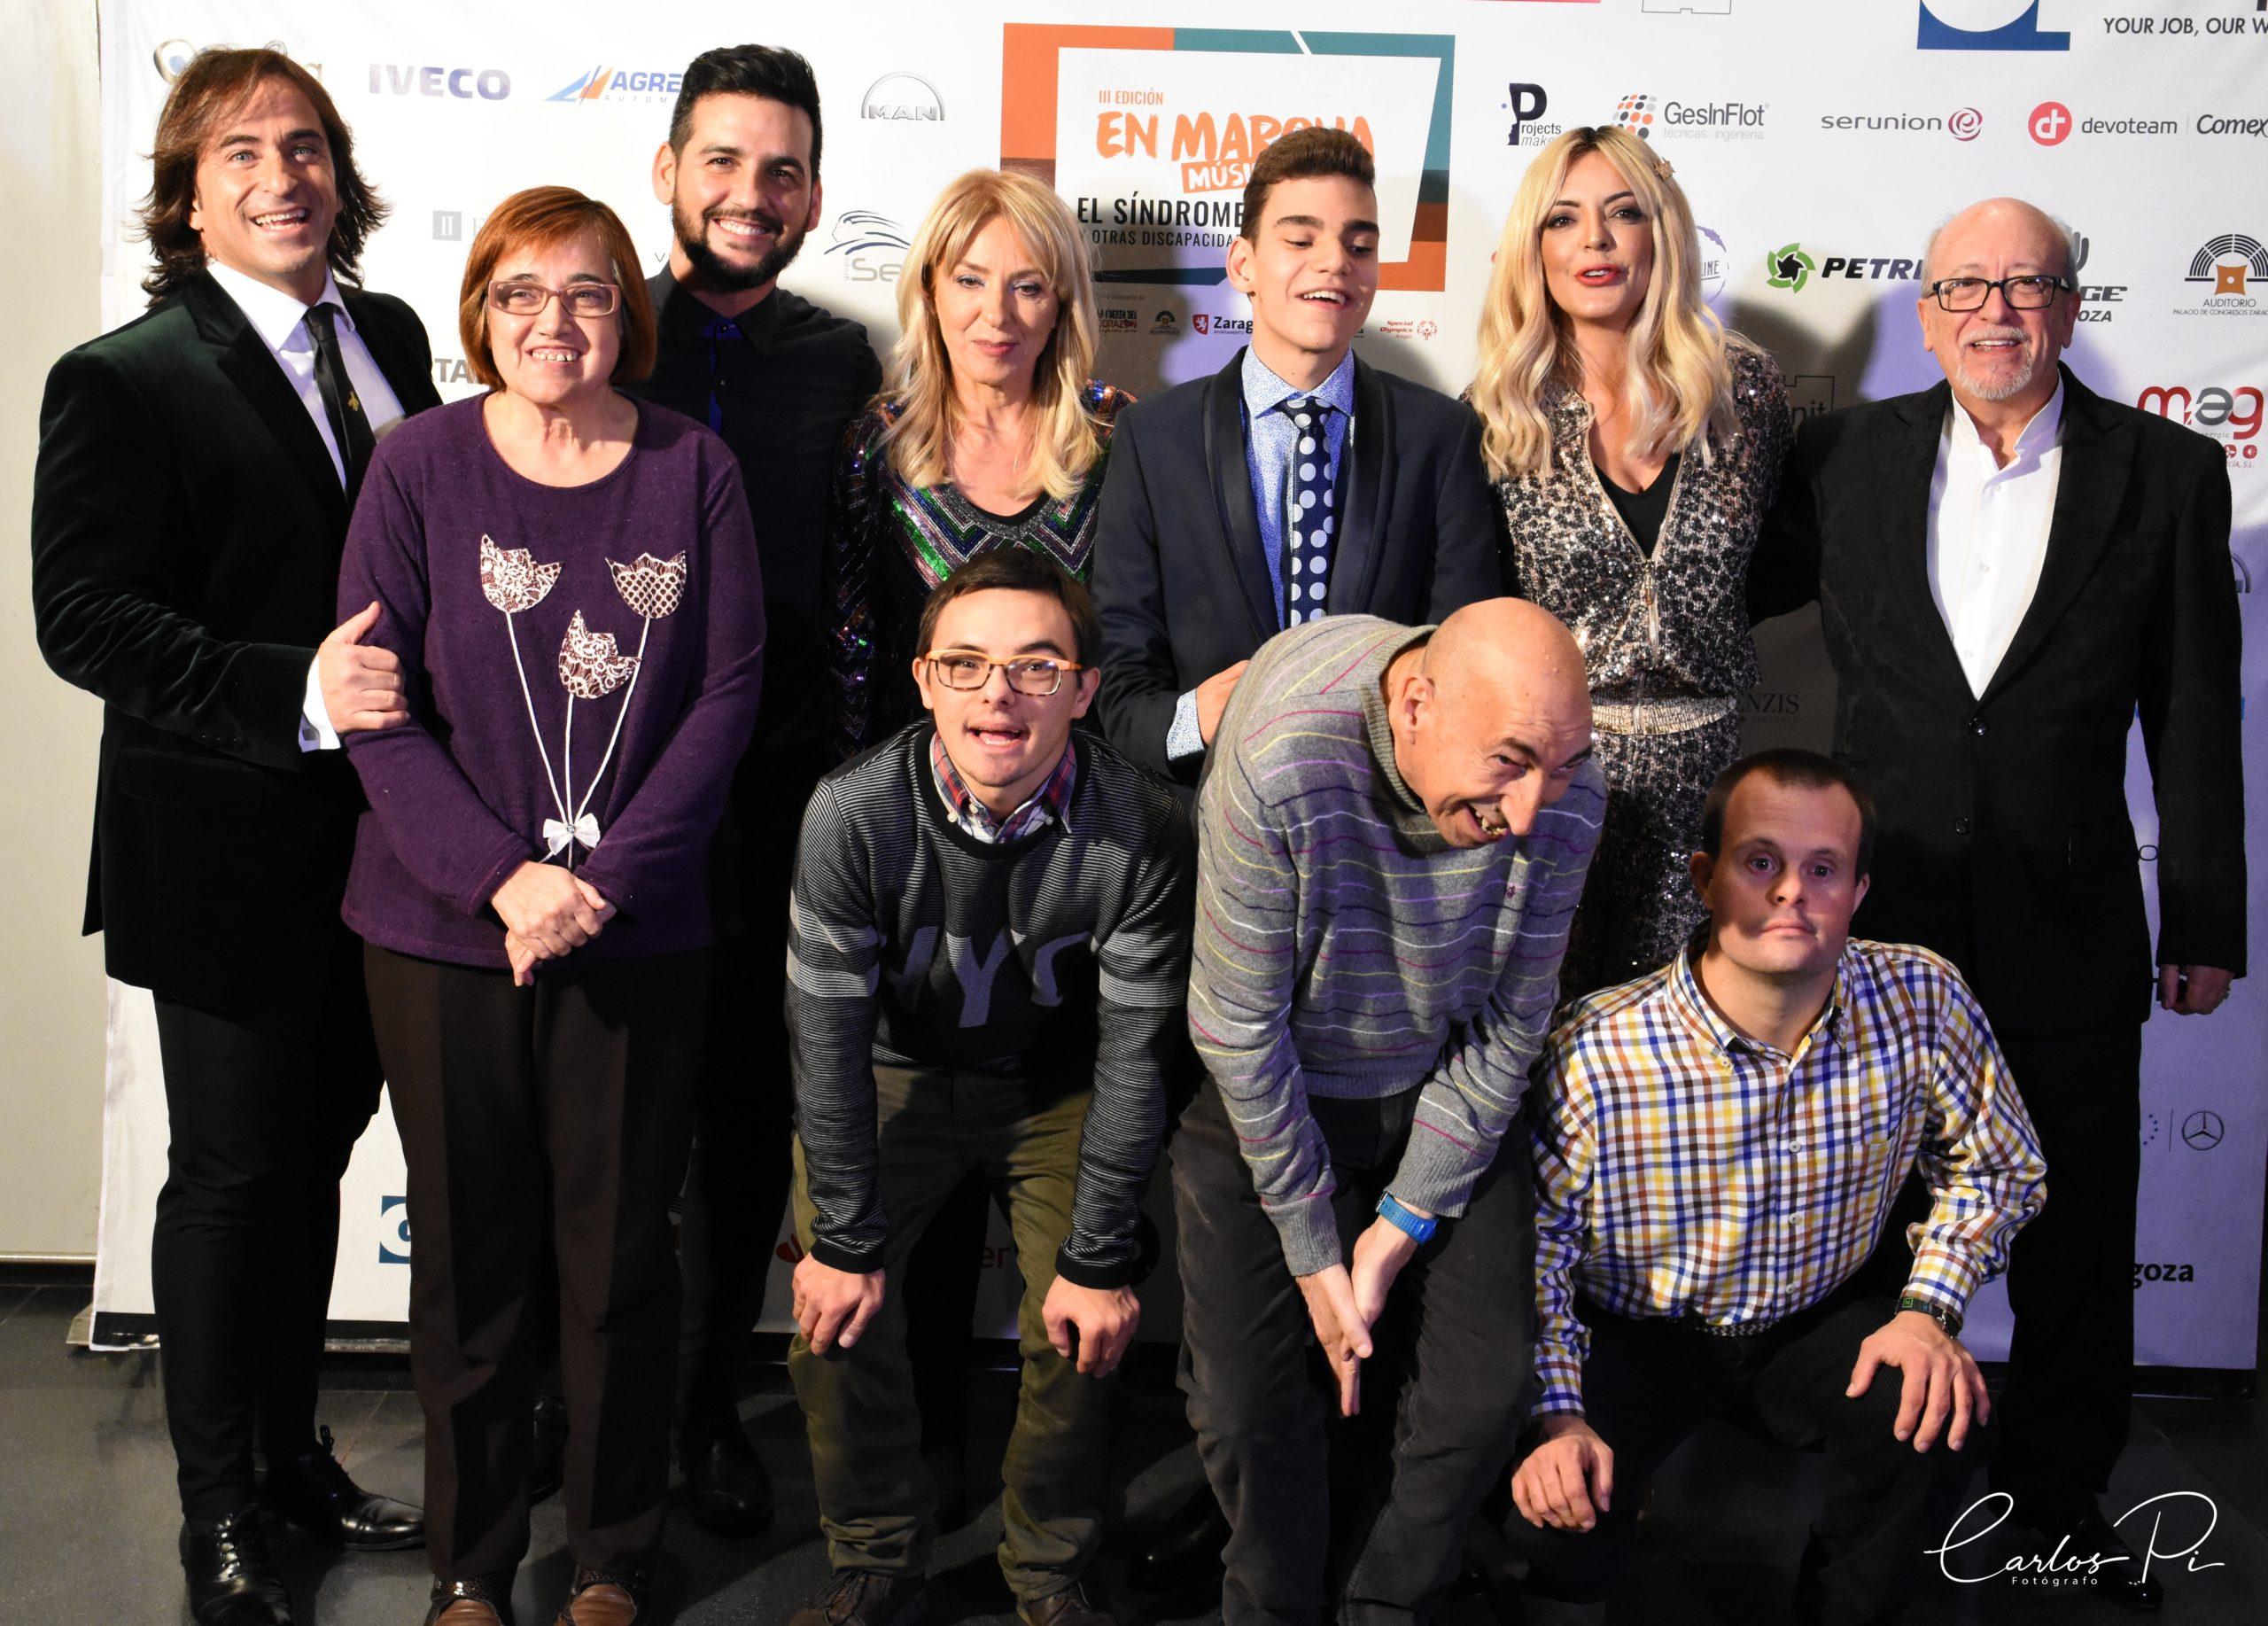 La Gala Sesé recauda más de 30.000 euros para colectivos de discapacidad intelectual